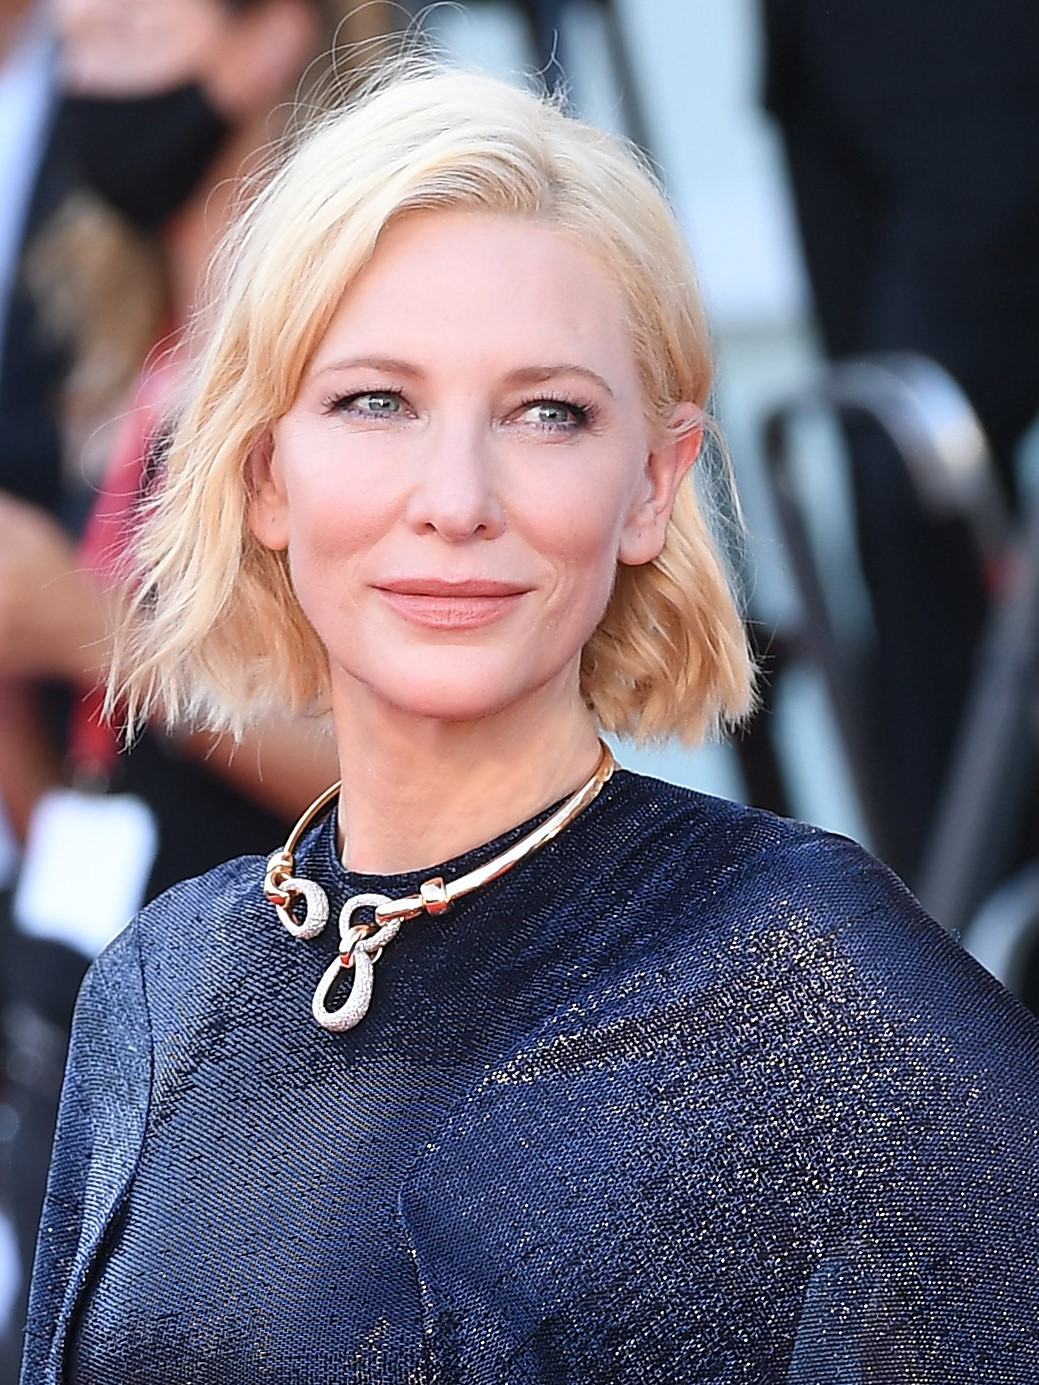 L'indémodable carré redevient wavy, canon sur Cate Blanchett